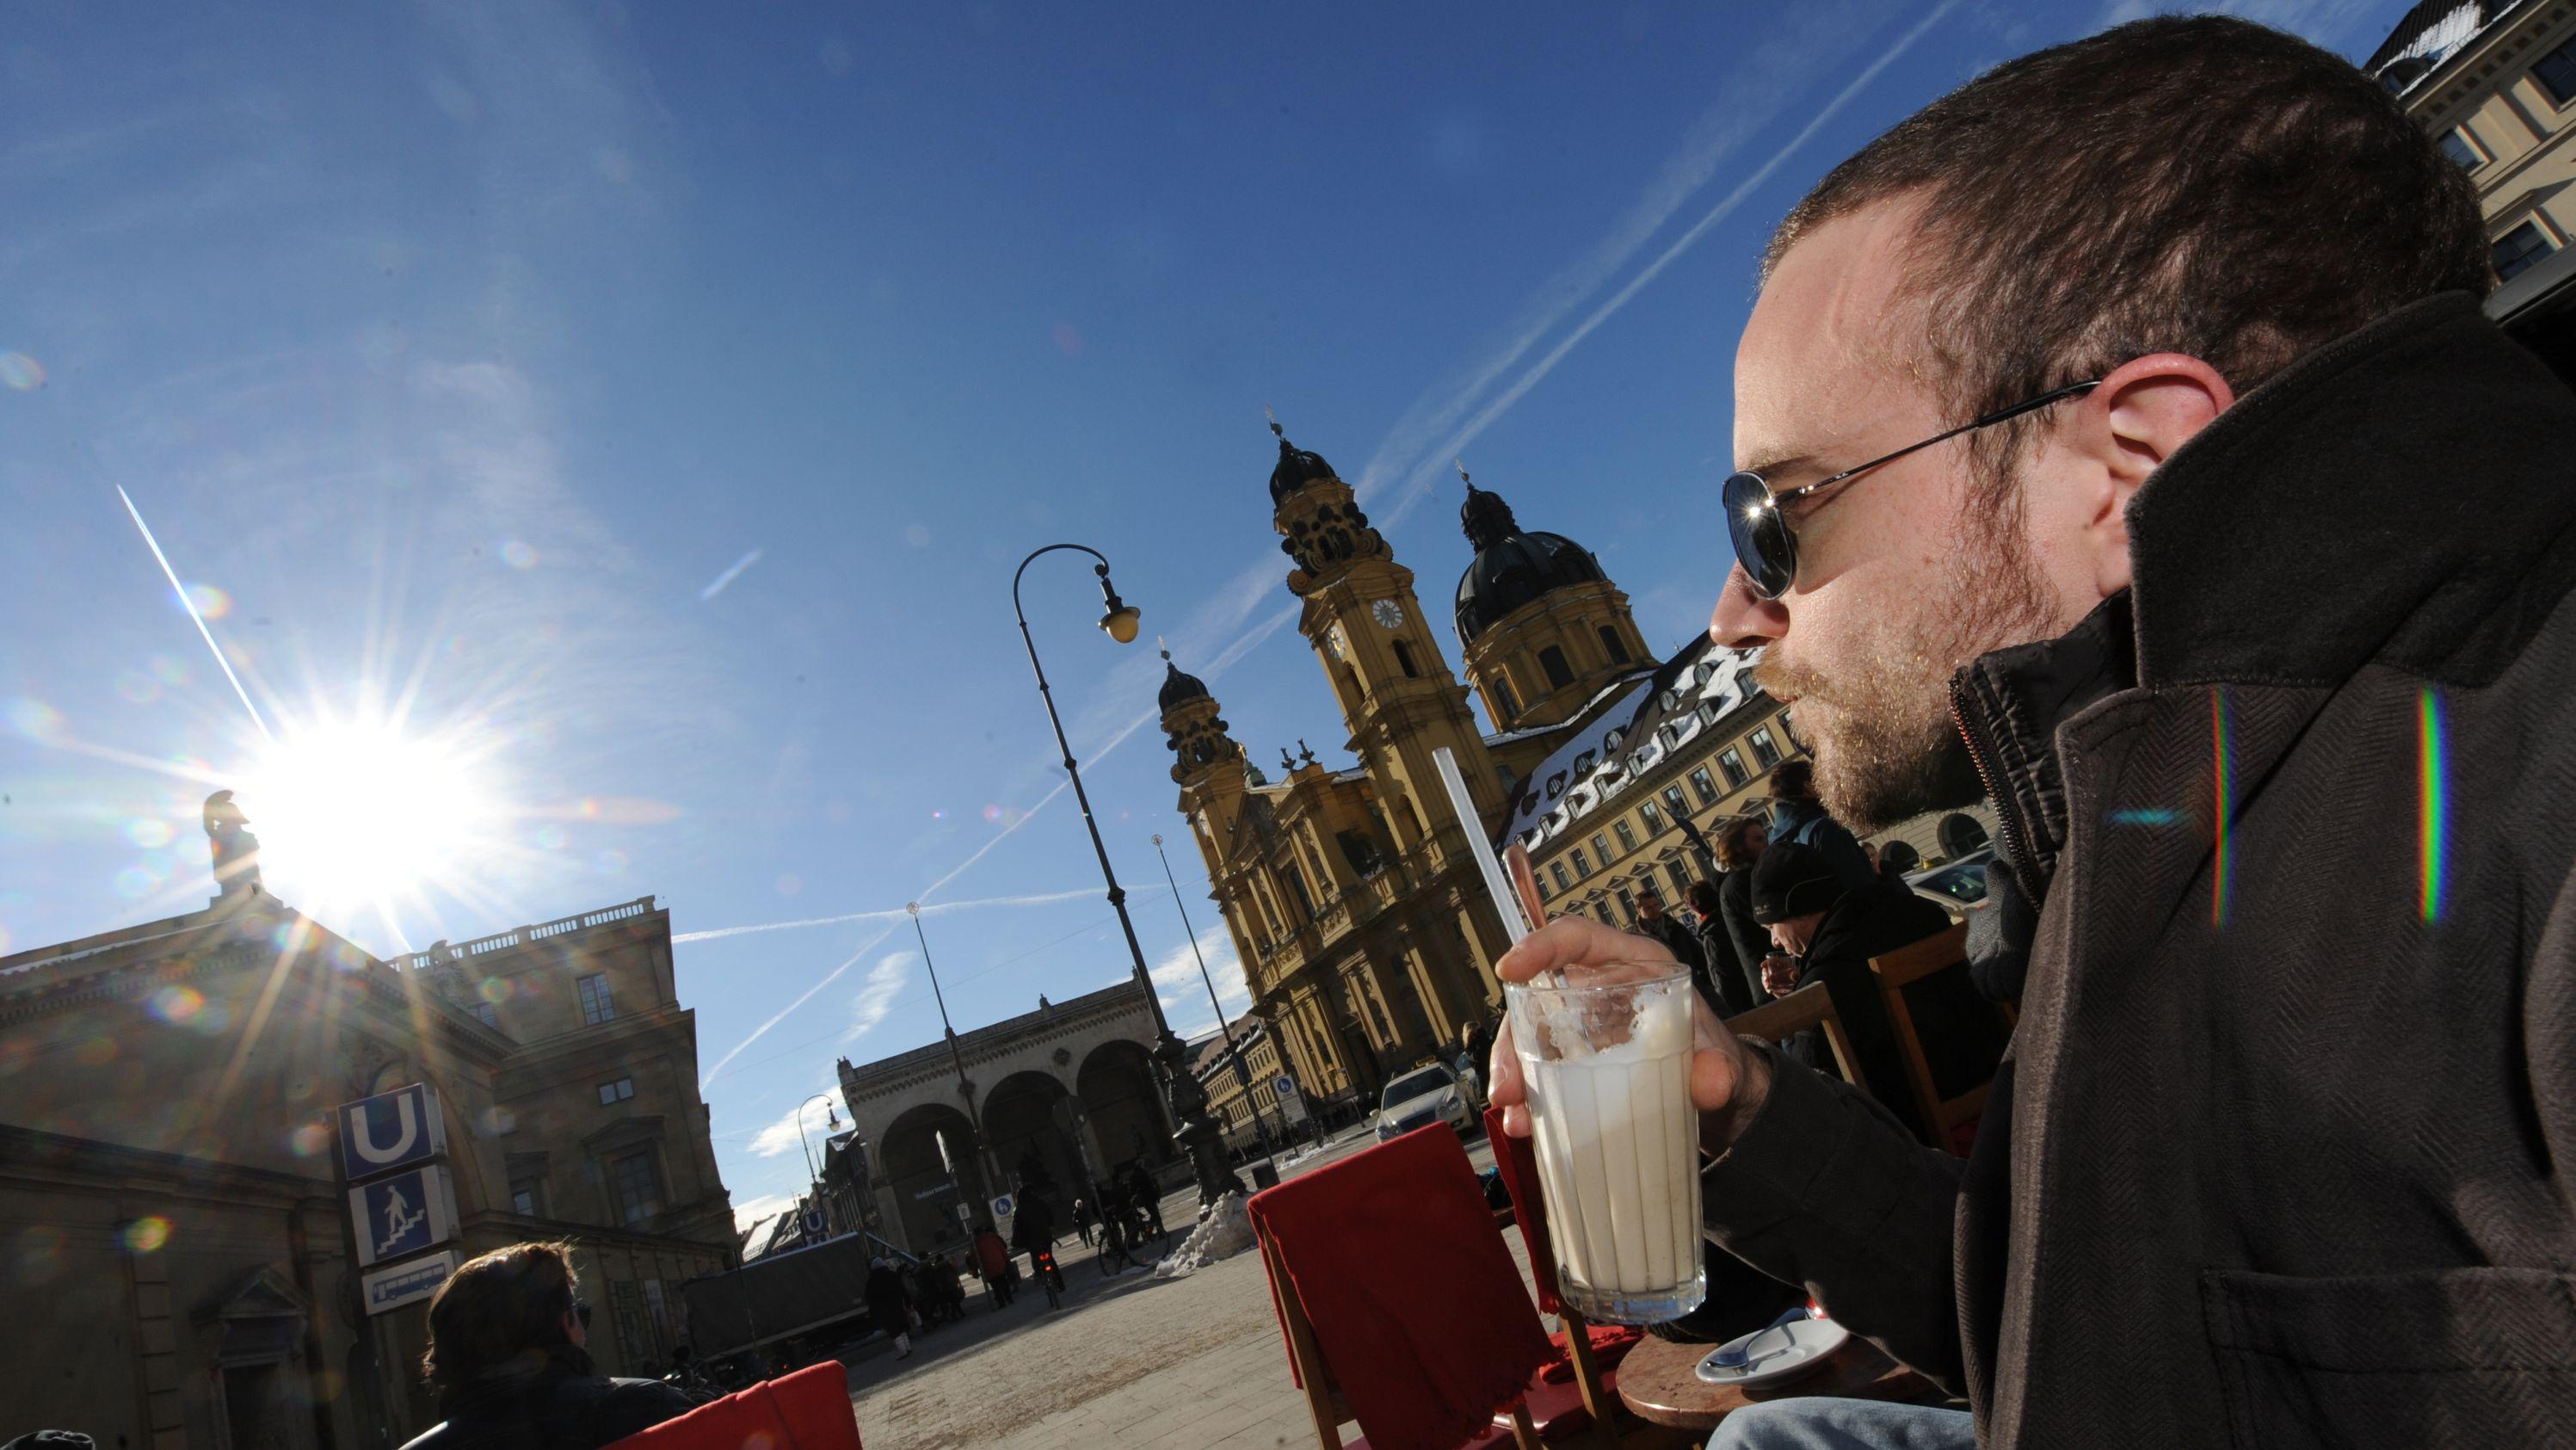 Frühlingshaftes Wetter im Winter in München: Ein Mann trinkt einen Latte Macchiato. (Archivbild)